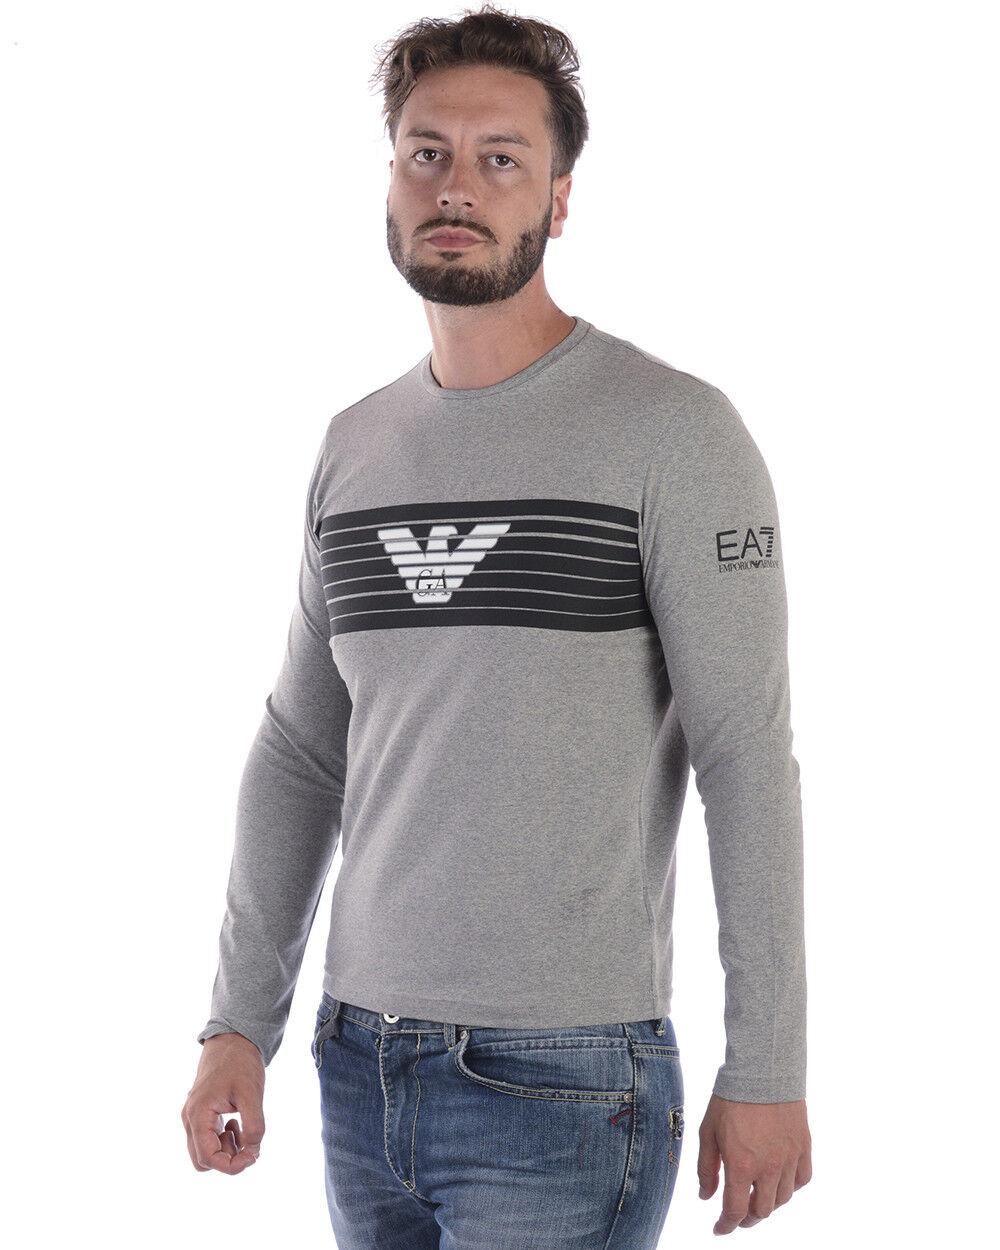 T shirt Maglietta Emporio Armani Ea7 6ZPT30PJ18Z Sweatshirt Uomo Grigio 6ZPT30PJ18Z Ea7 3905 e867c9